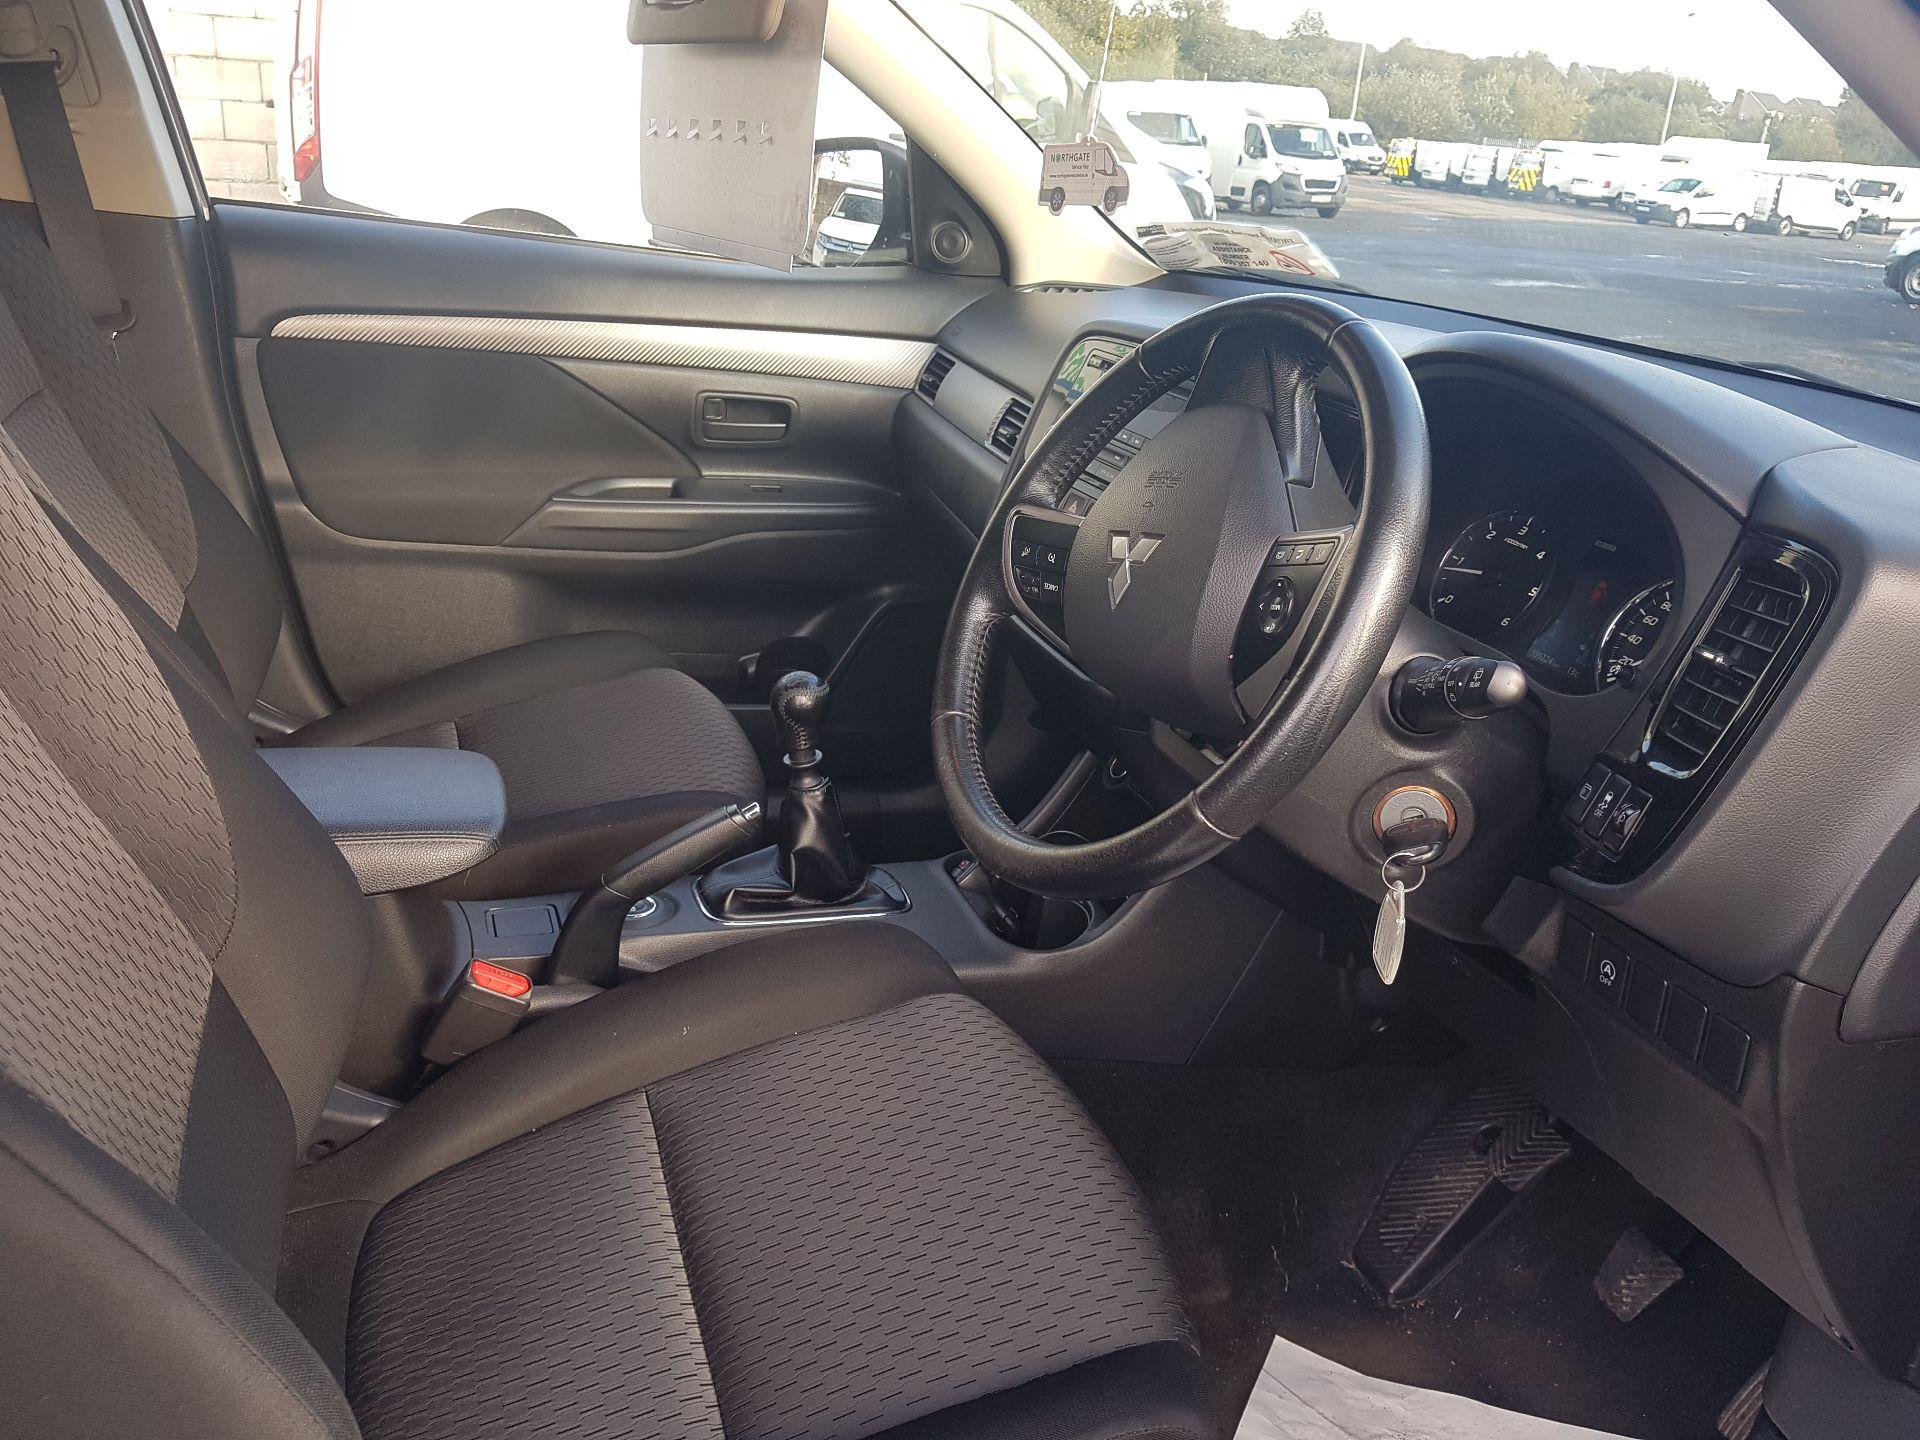 2015 Mitsubishi Outlander 4WD 6MT N1 Comm 4DR (152D18581) Image 13